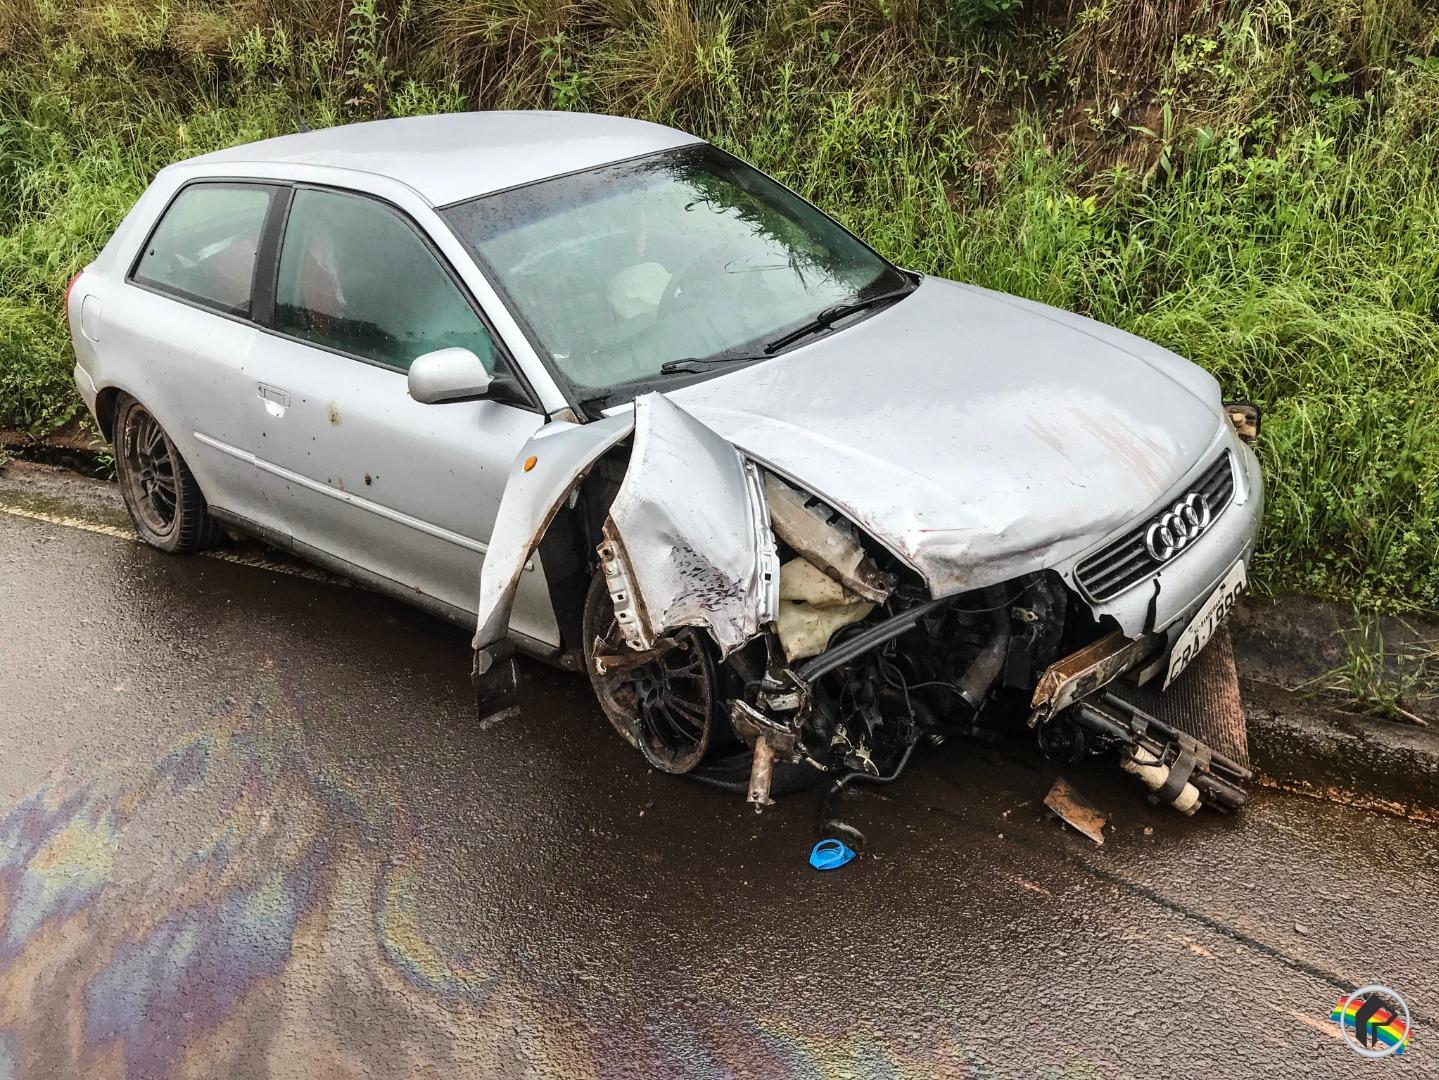 VÍDEO: Acidente envolve três carros e deixa feridos na SC-492